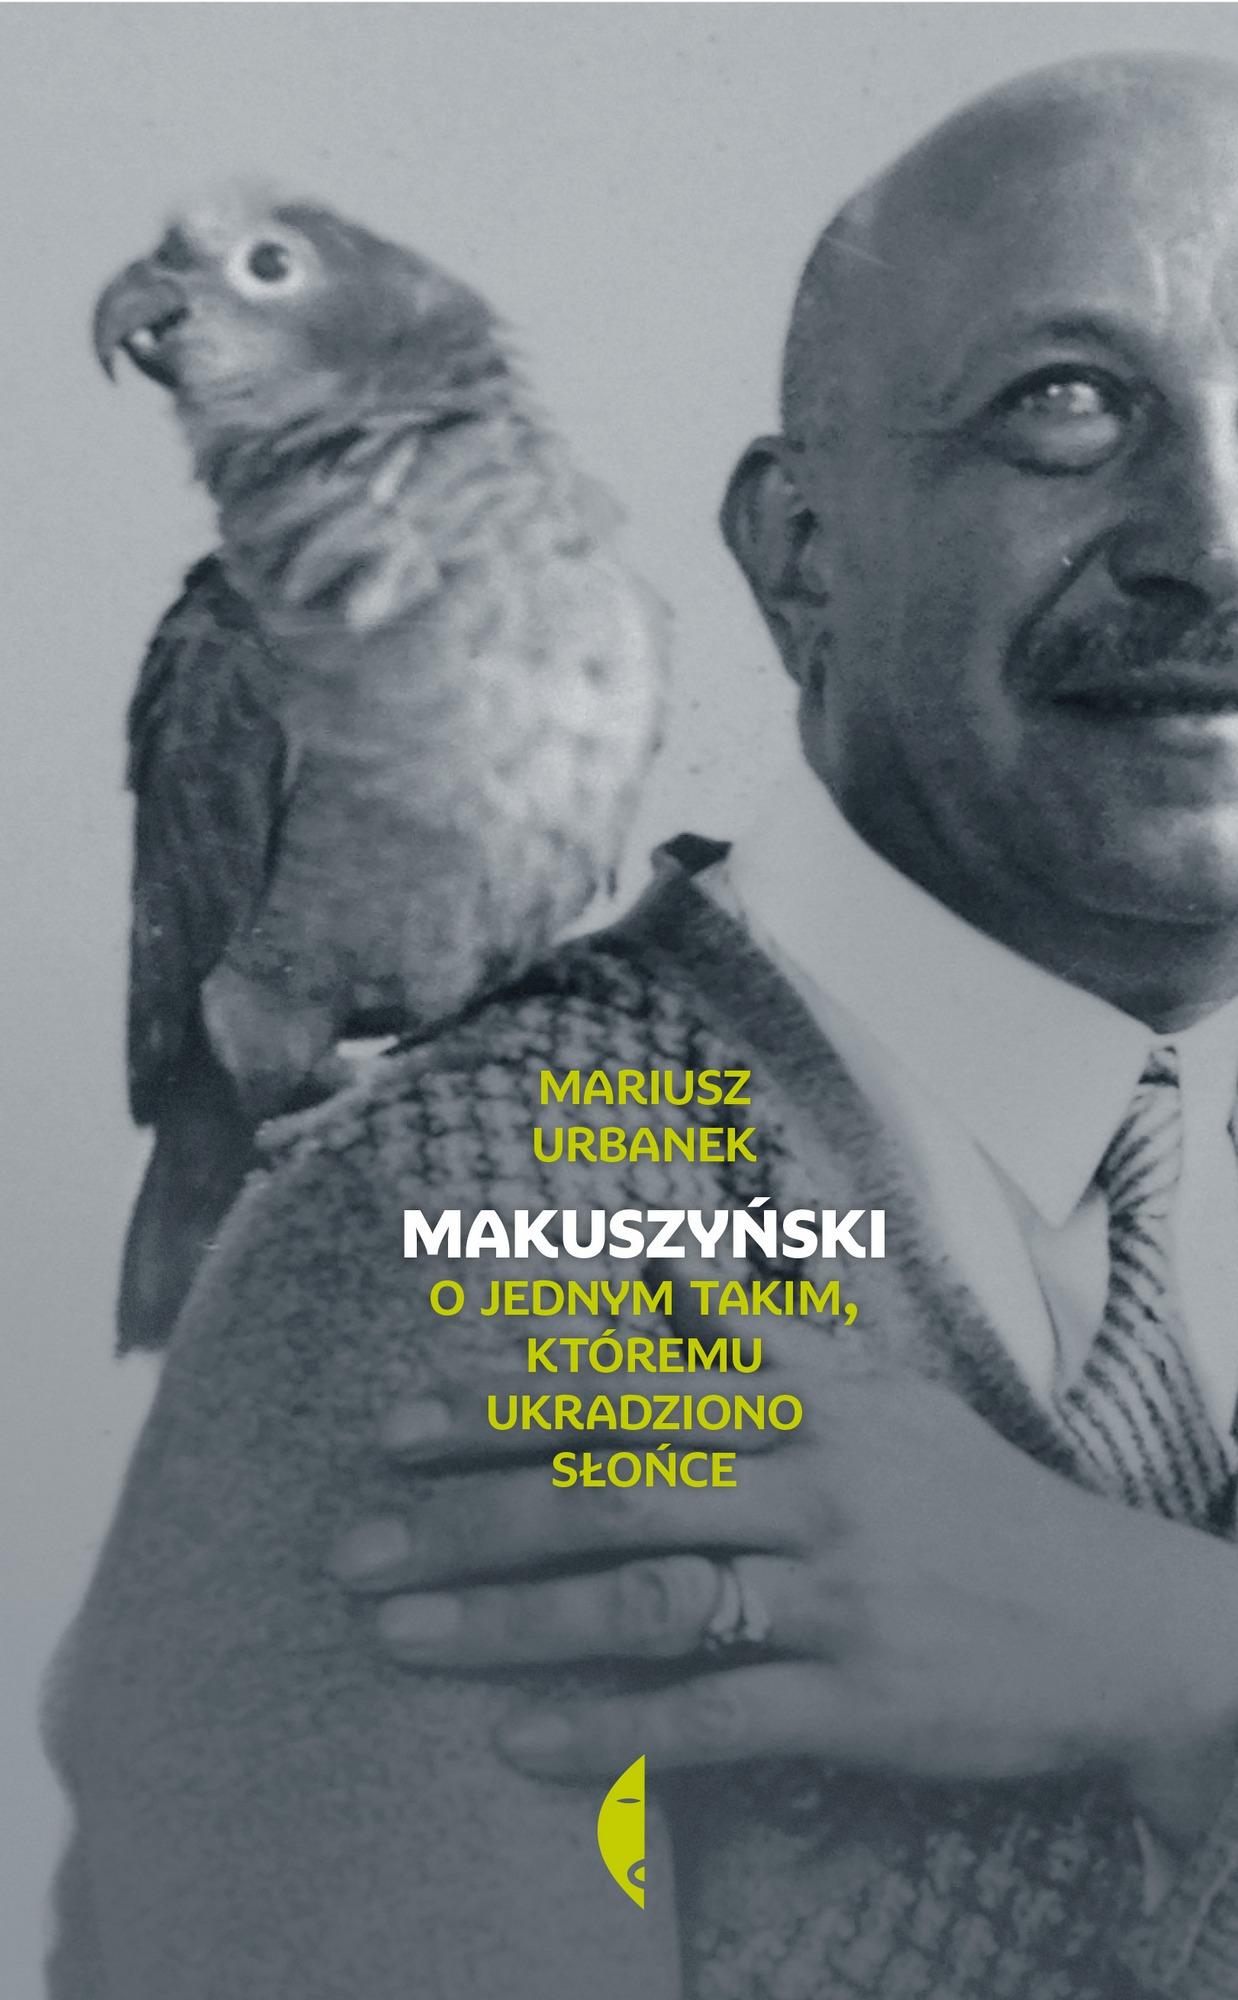 """Mariusz Urbanek, """"Makuszyński. O jednym taki, któremu ukradziono słońce"""" – okładka (źródło: materiały wydawnictwa)"""